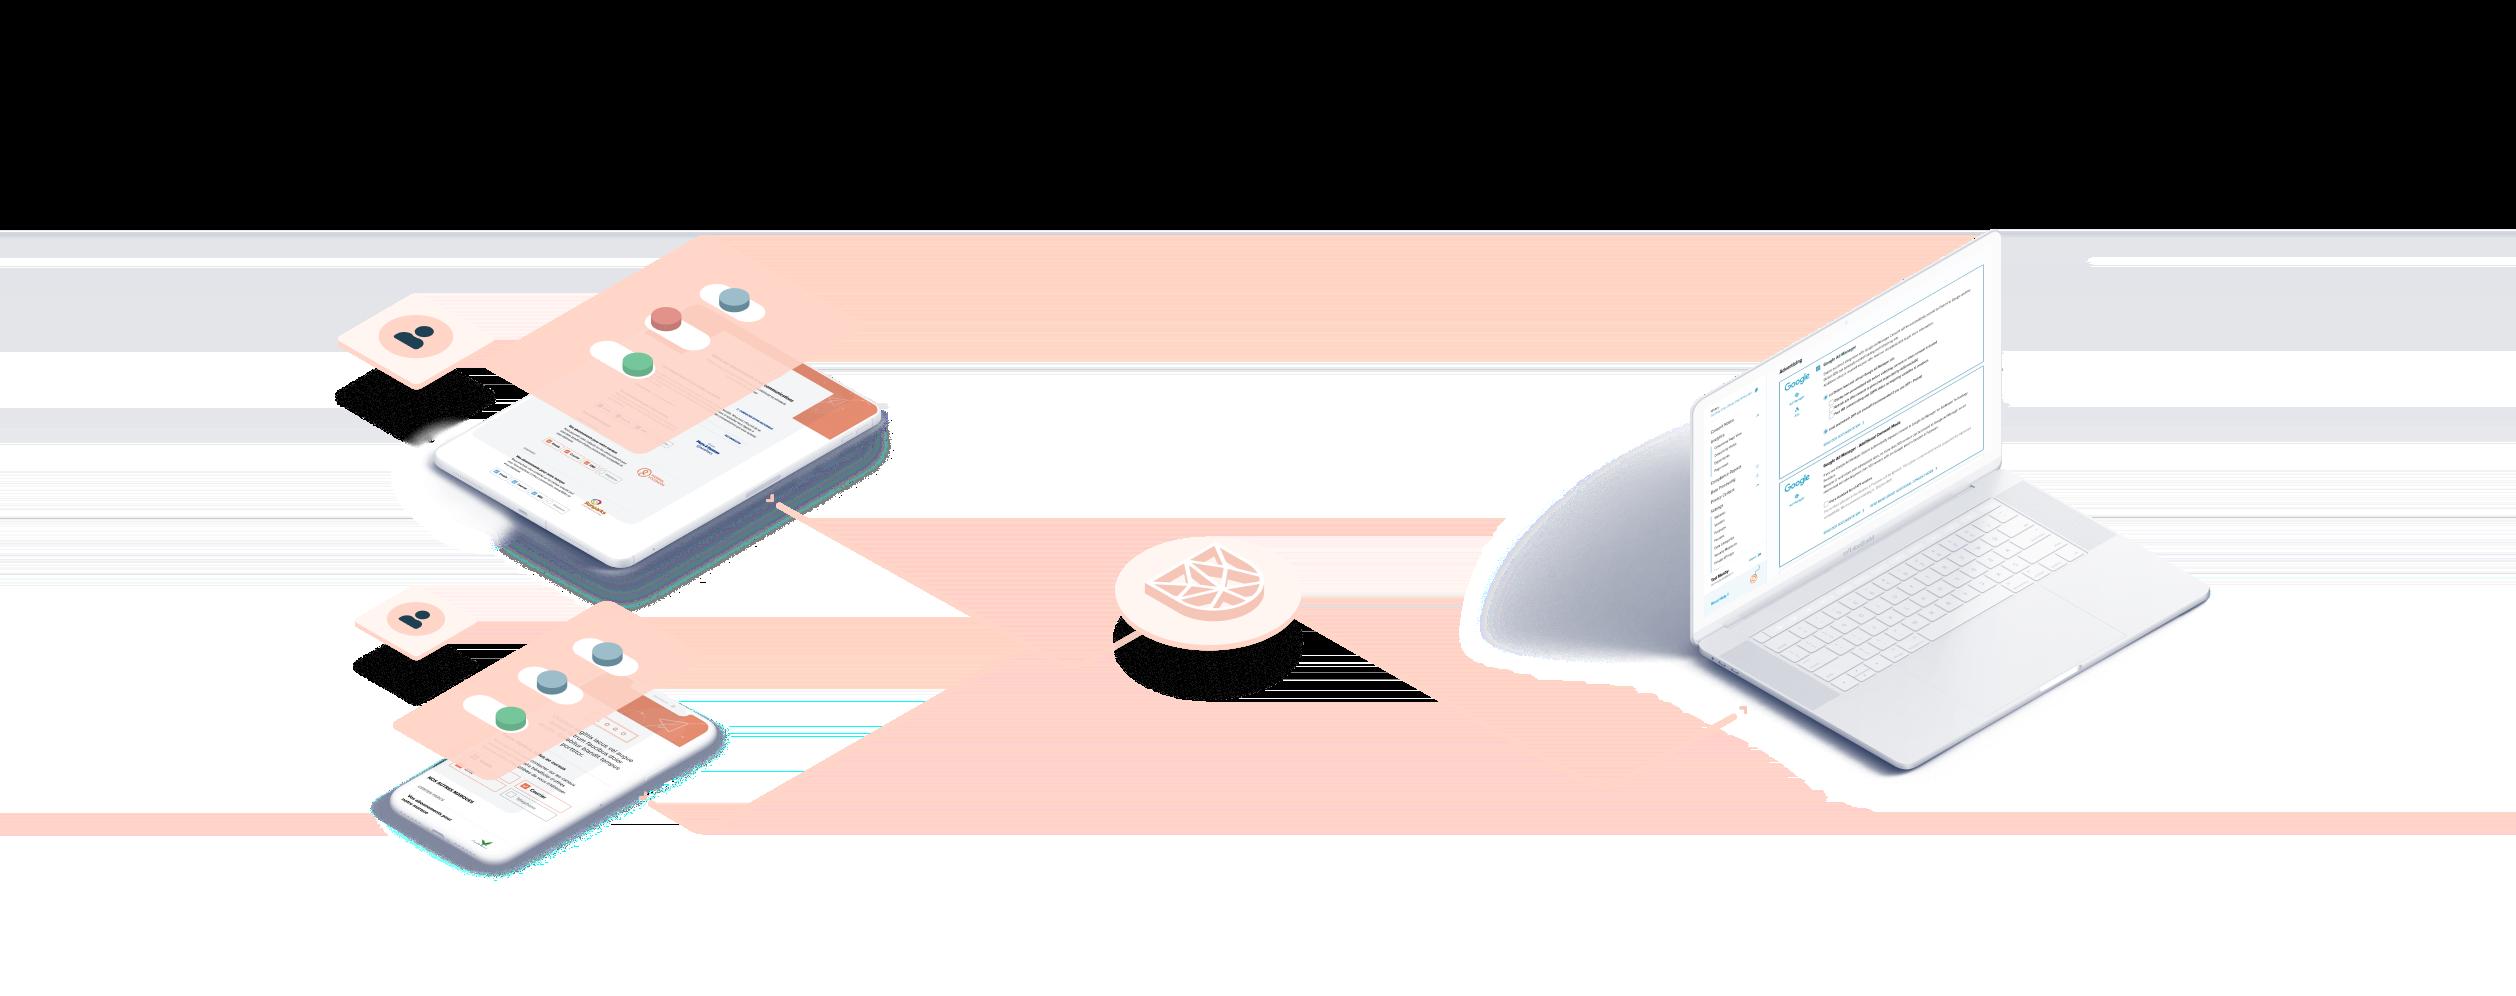 Visuel montrant des utilisateurs donnant leur consentement et changeant leurs préférences via Didomi